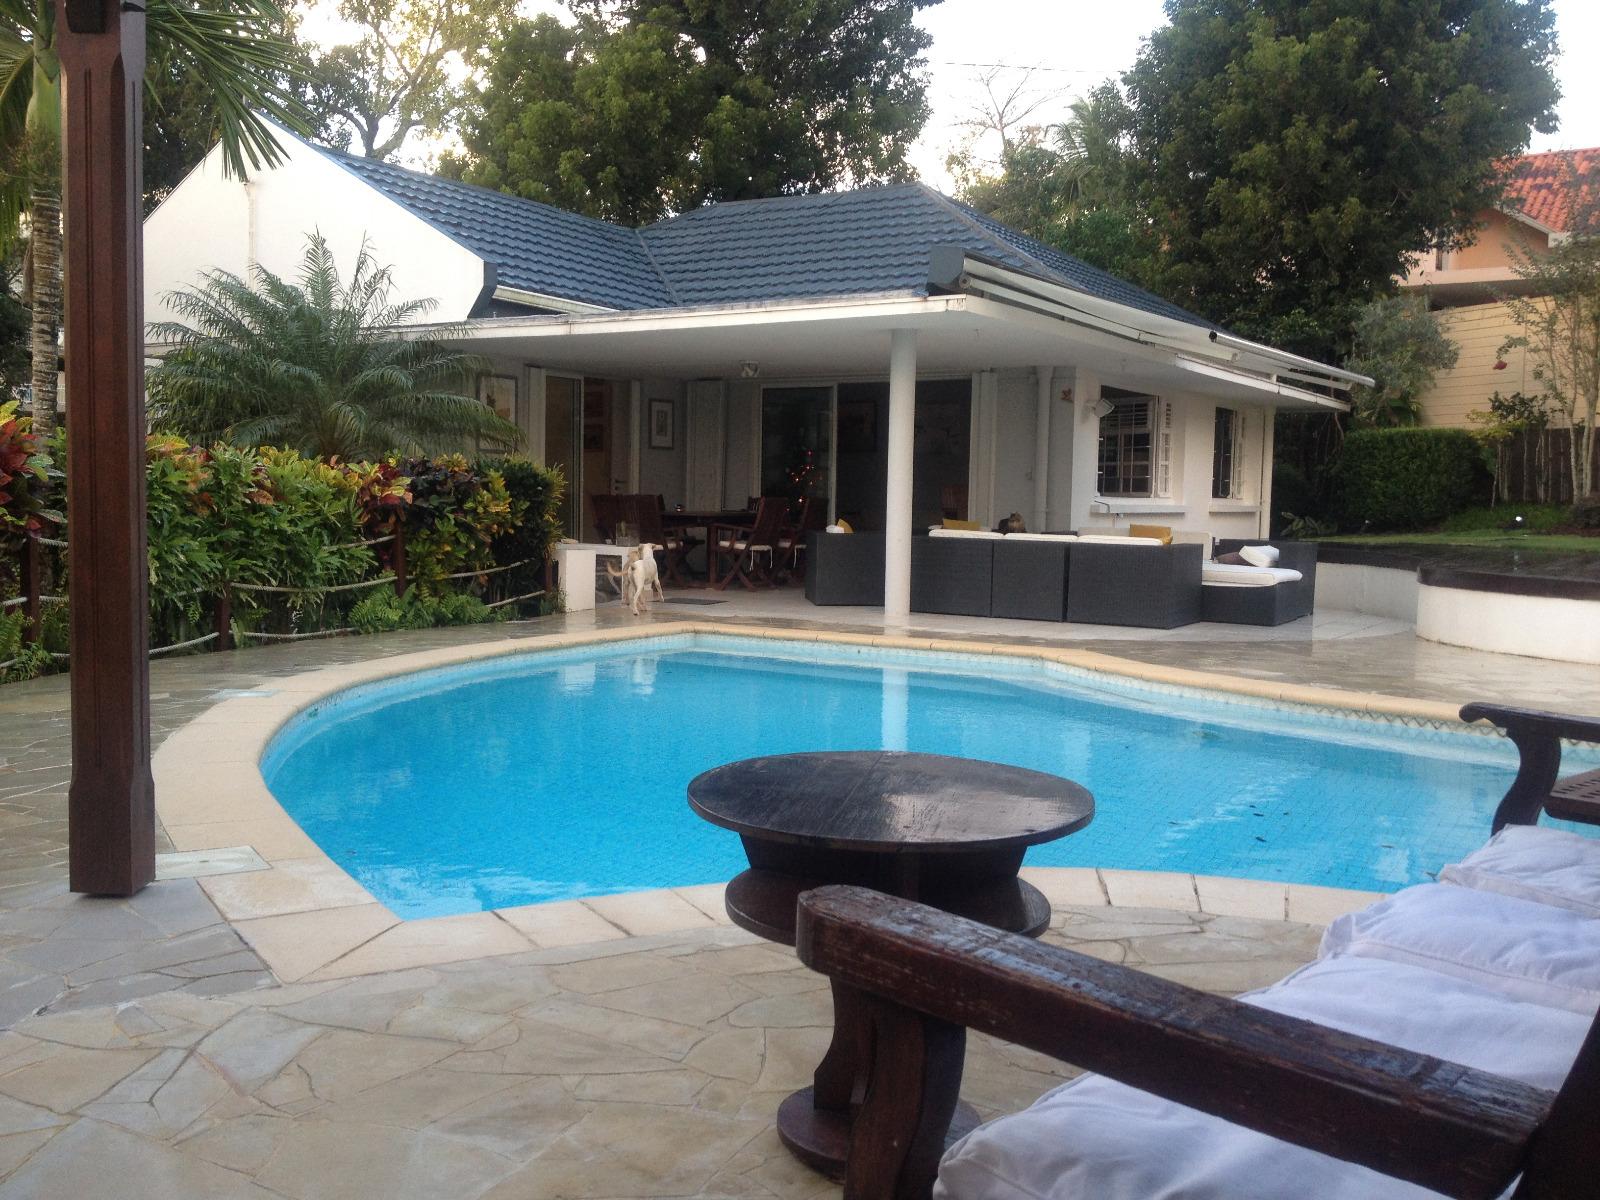 Fort de france didier villa f5 avec piscine dans un - Piscine tubulaire castorama fort de france ...